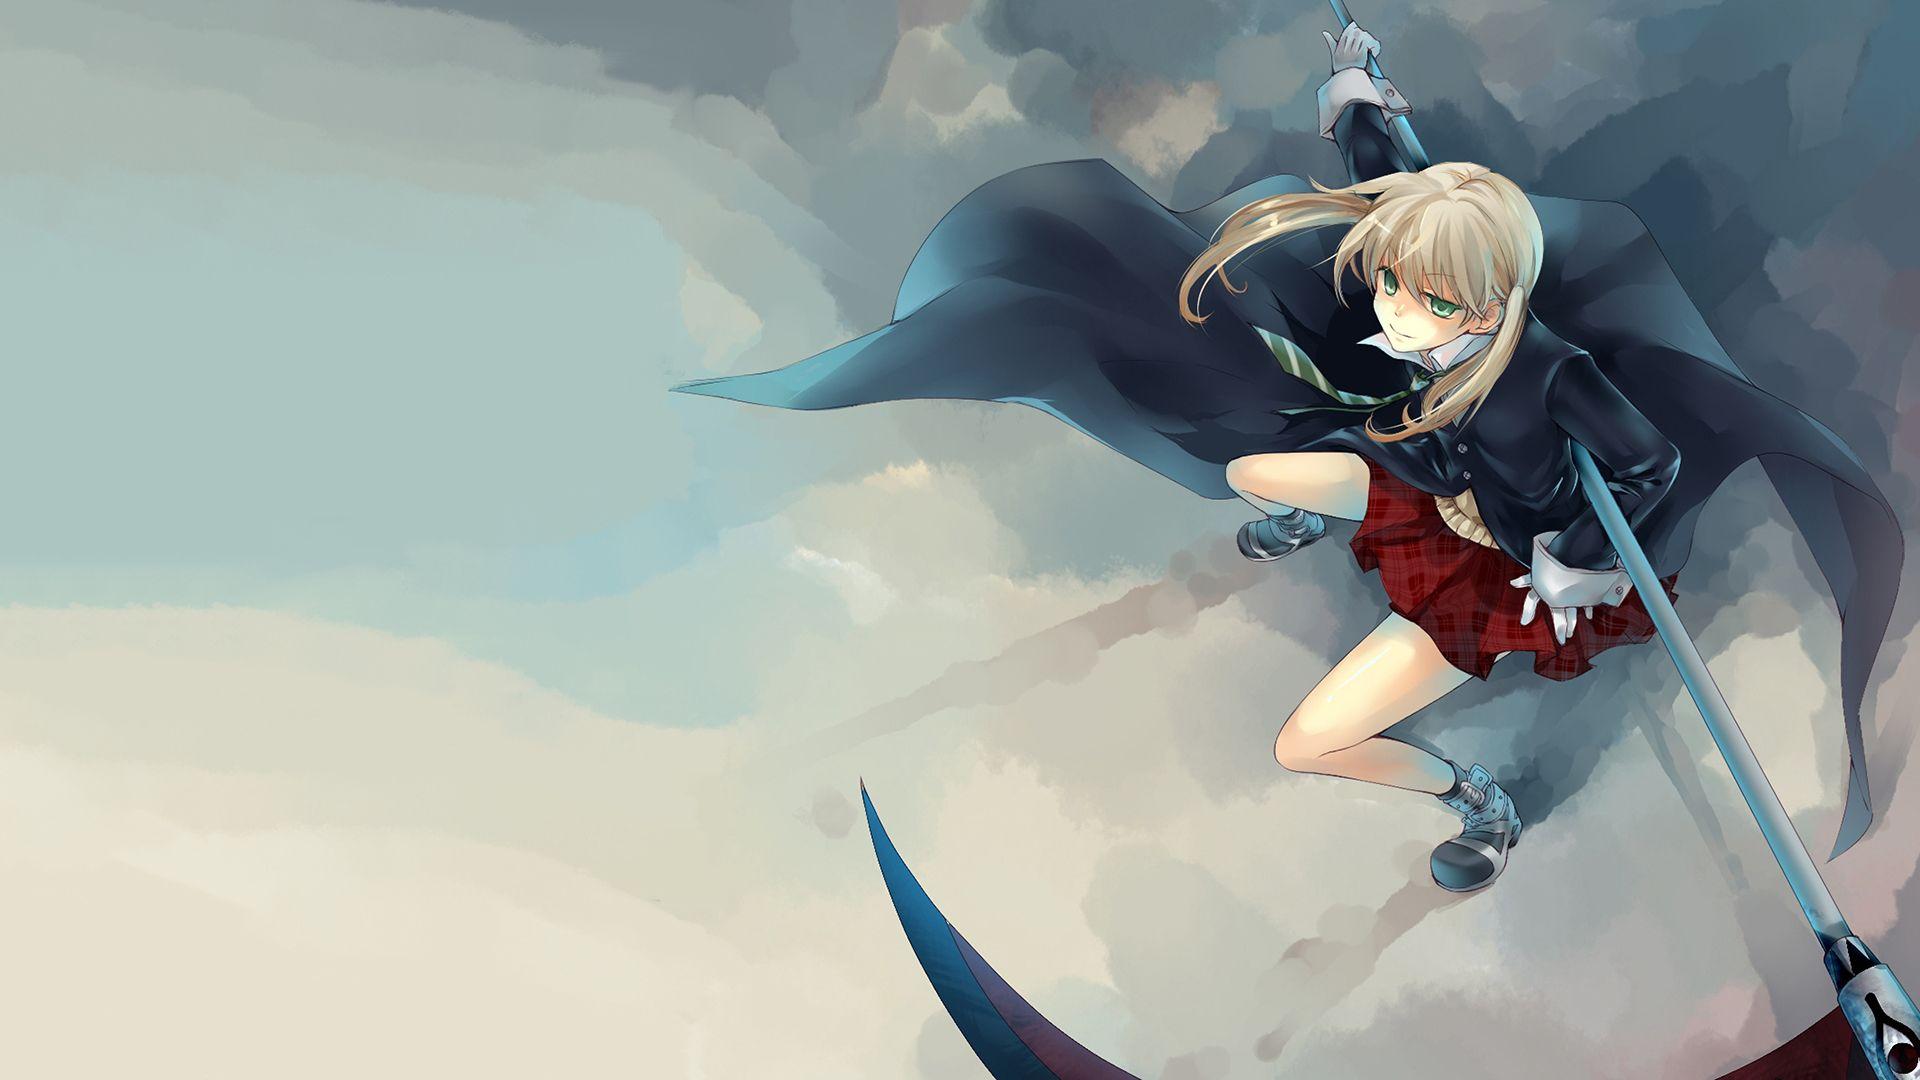 Anime Soul Eater Wallpaper